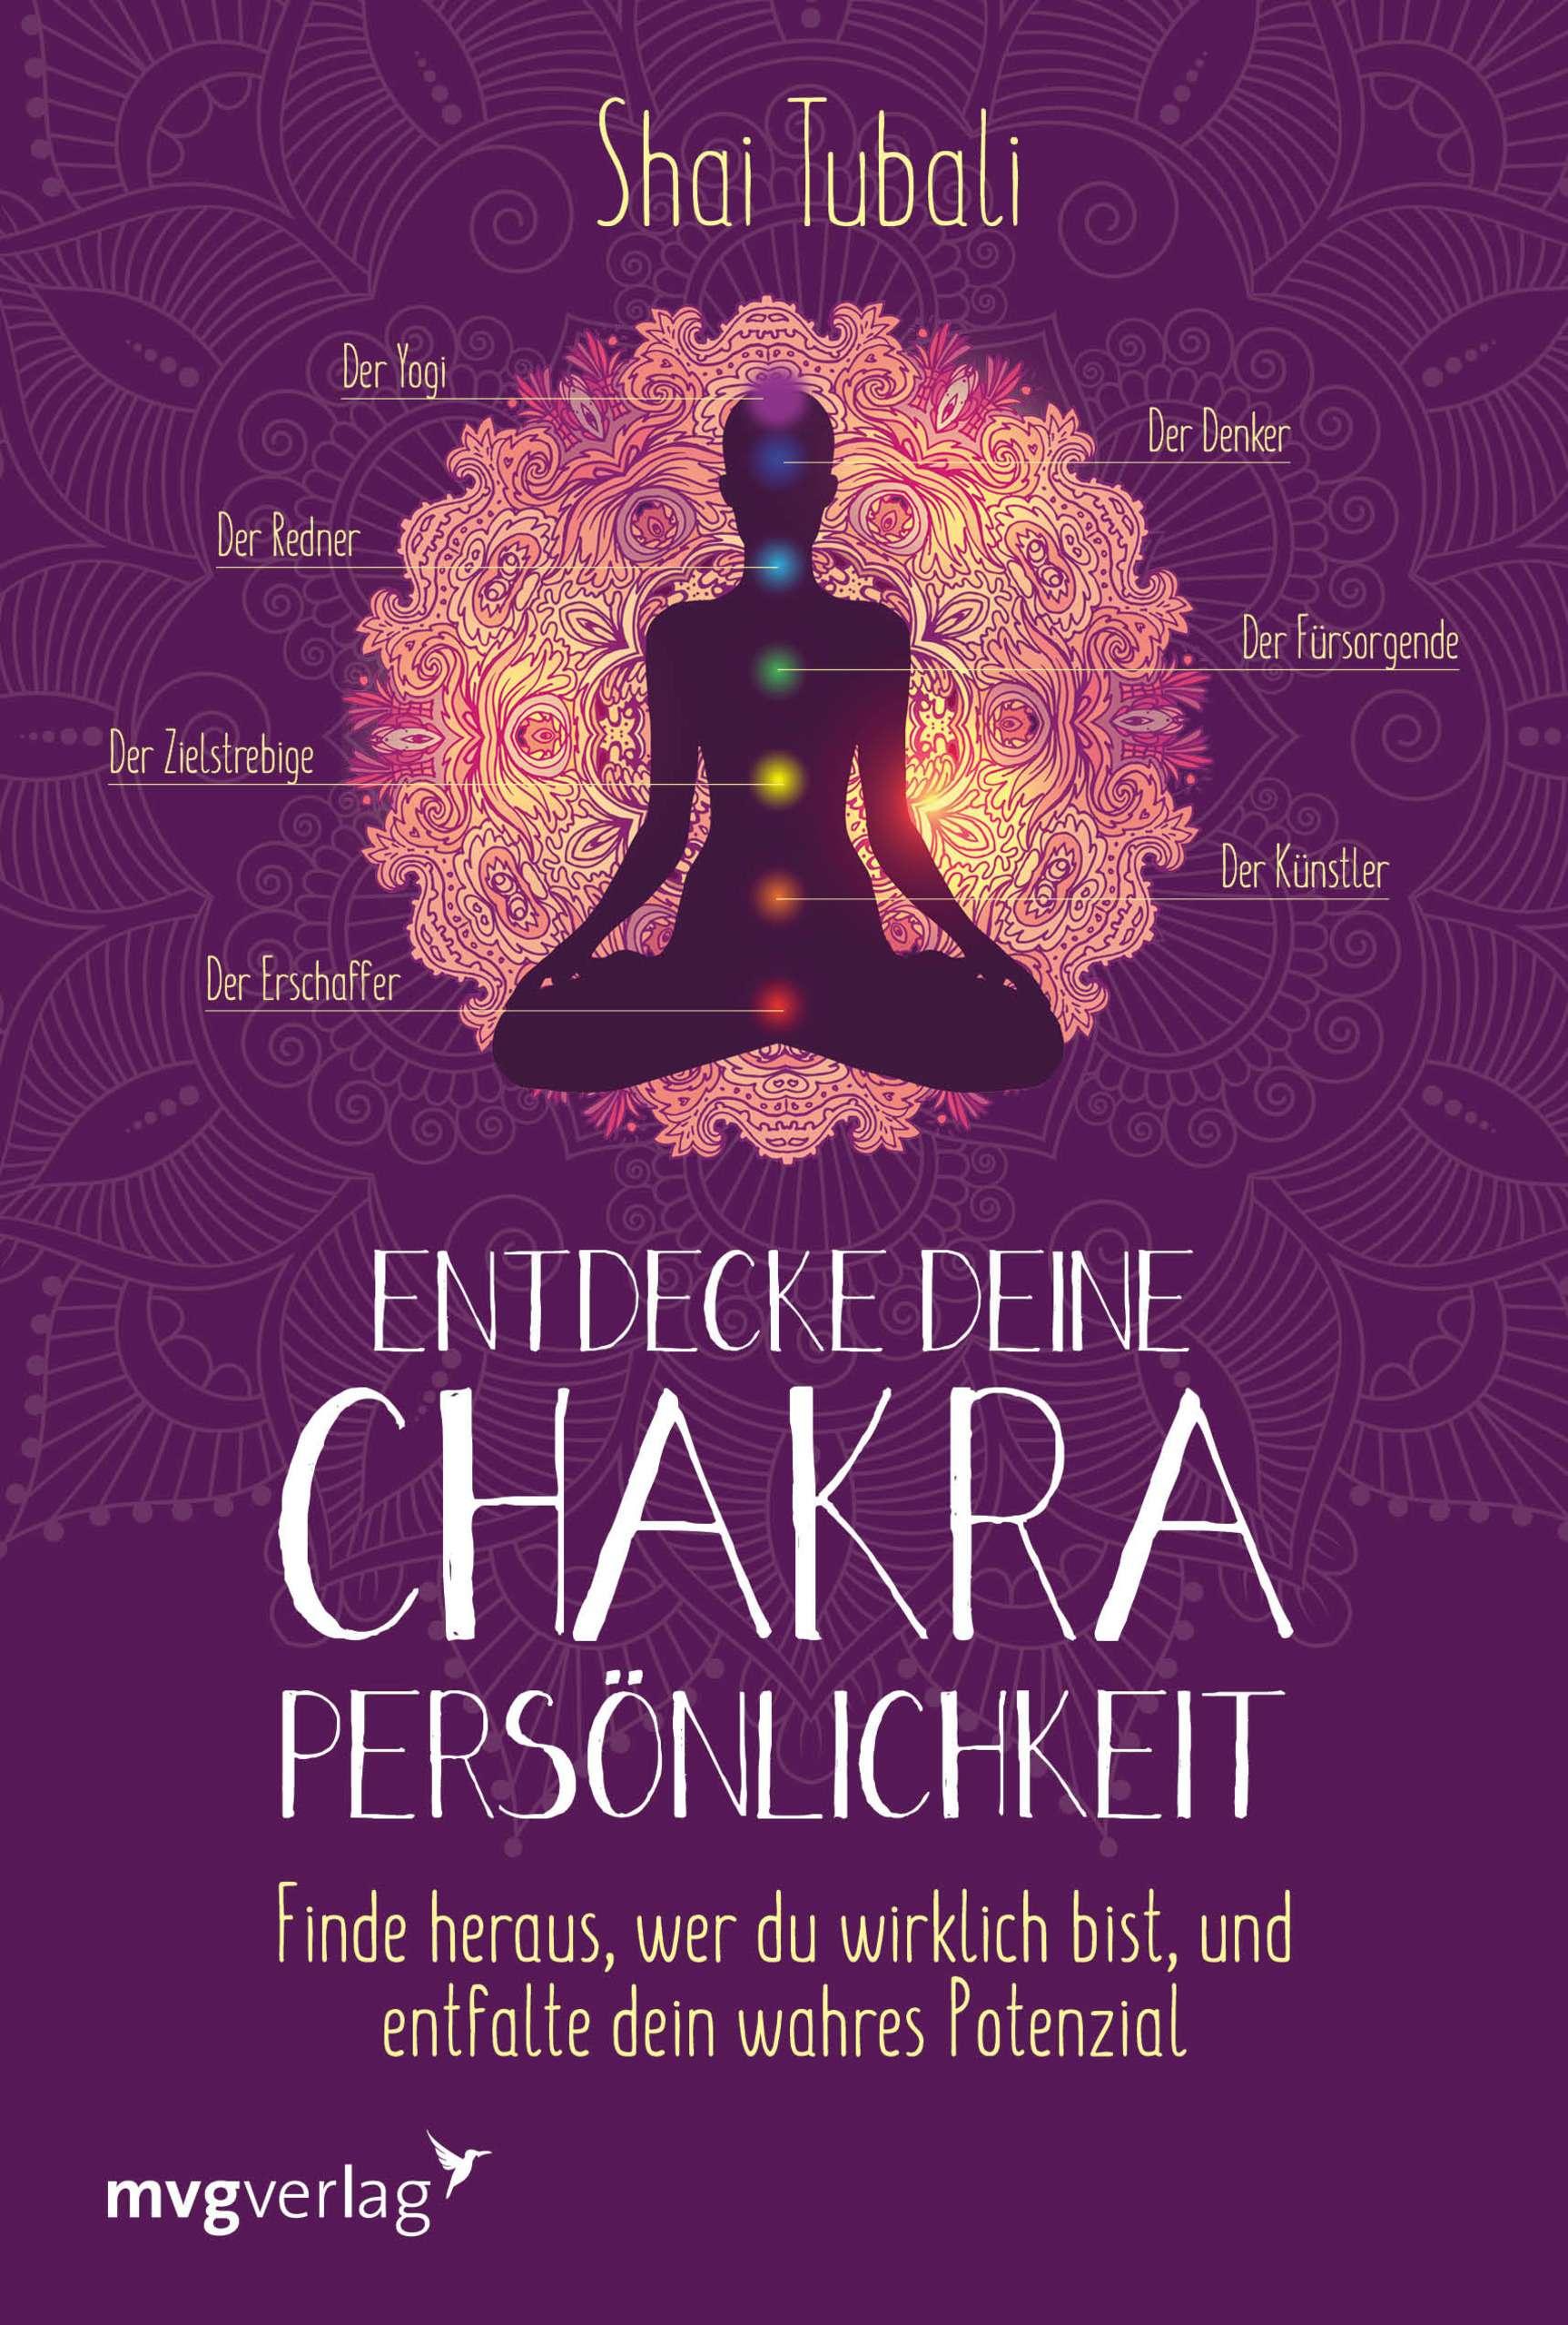 """""""Entdecke deine Chakra-Persönlichkeit"""" von Shai Tubali © mvg Yogannetteblog.de"""